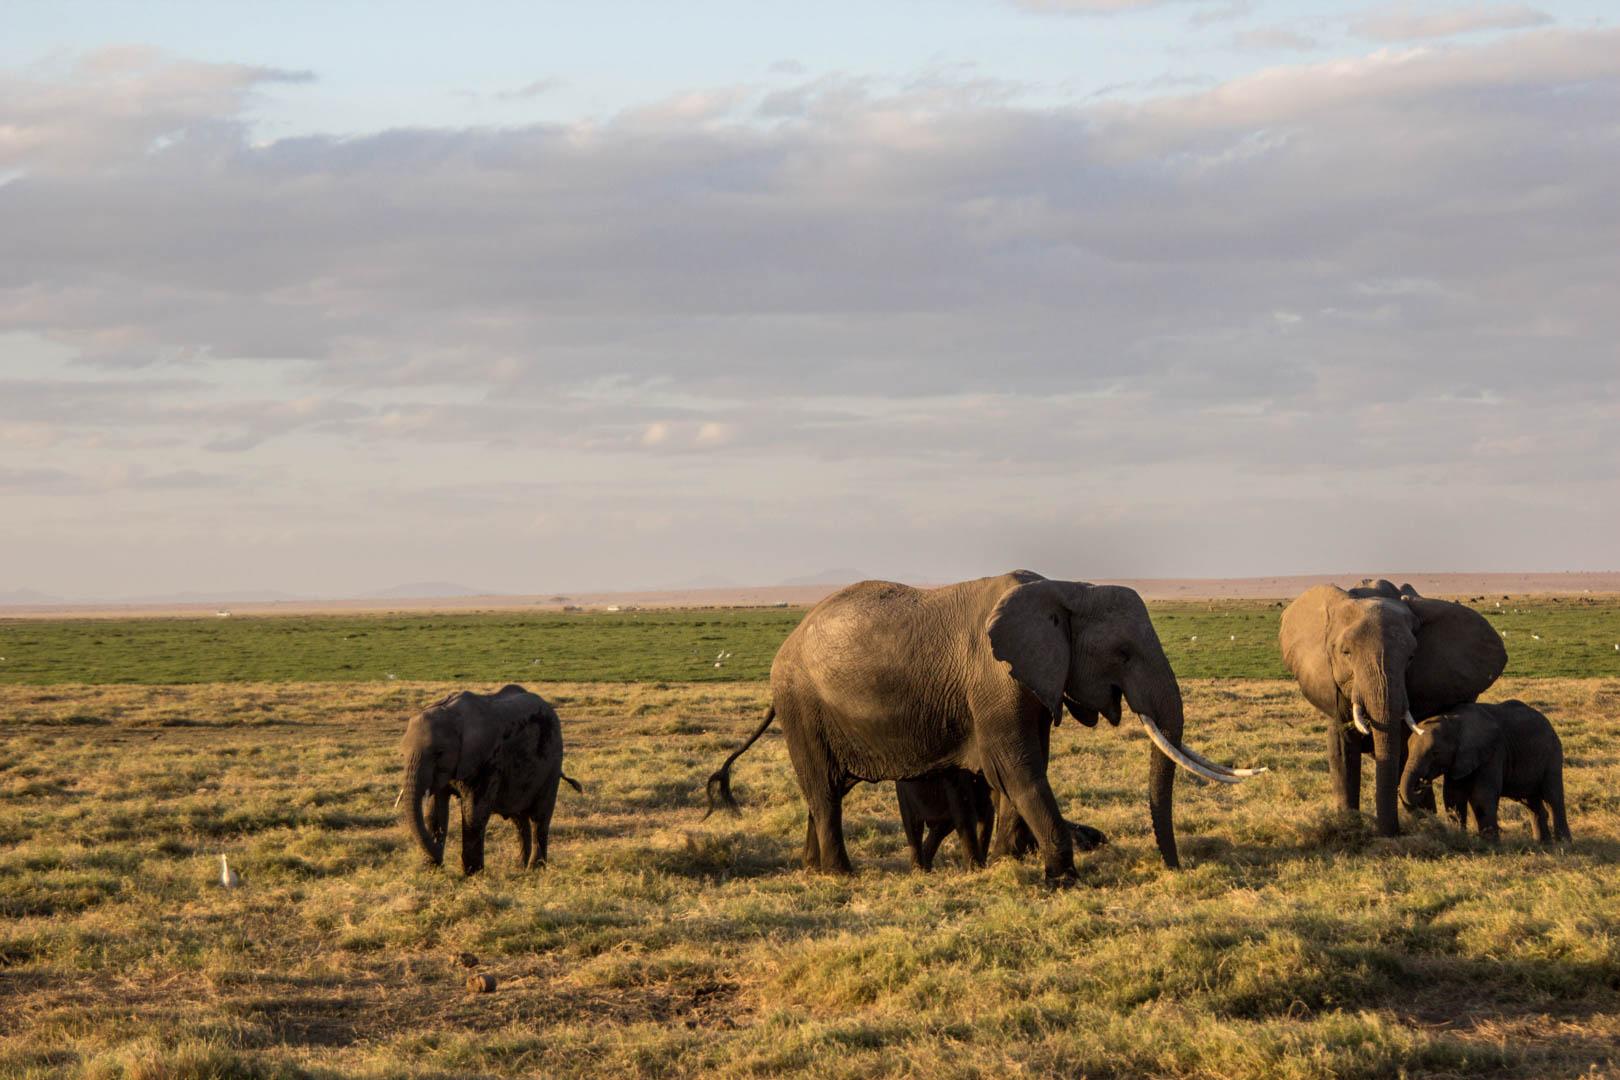 Bebés elefantes con sus mamás, Parque Nacional de Amboseli, Kenia